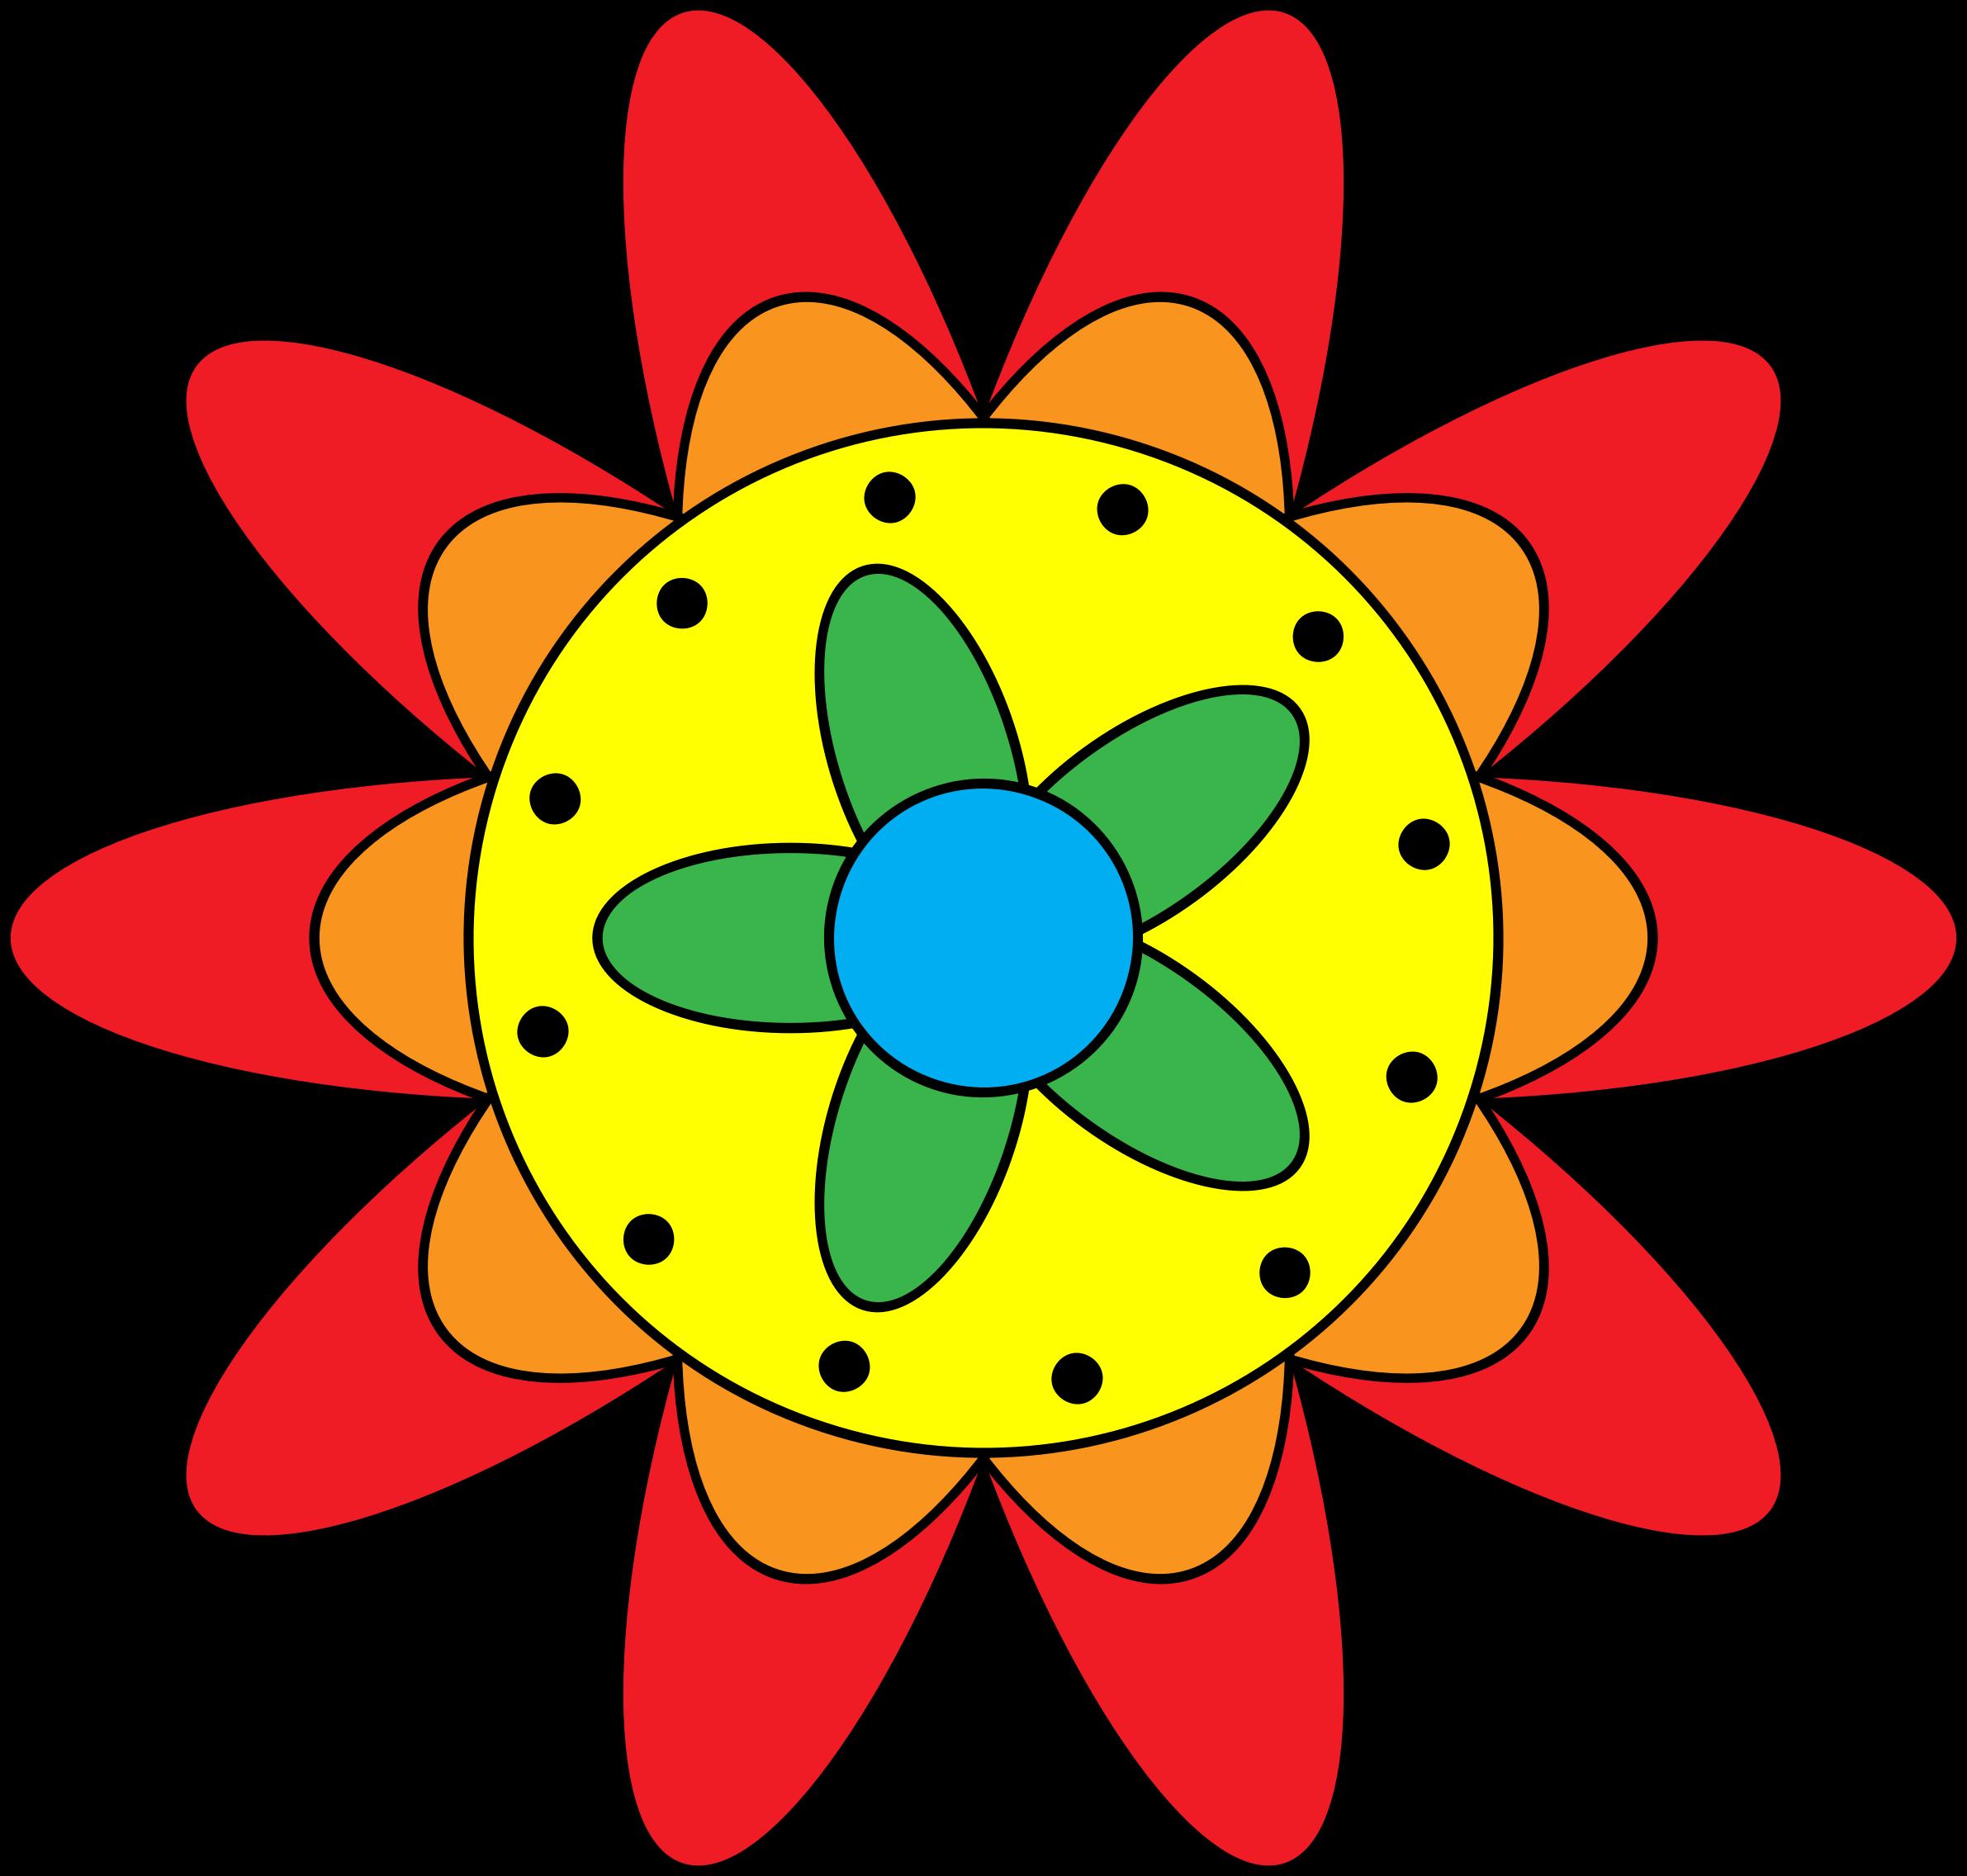 Triple flower clipground. Vines clipart doodle